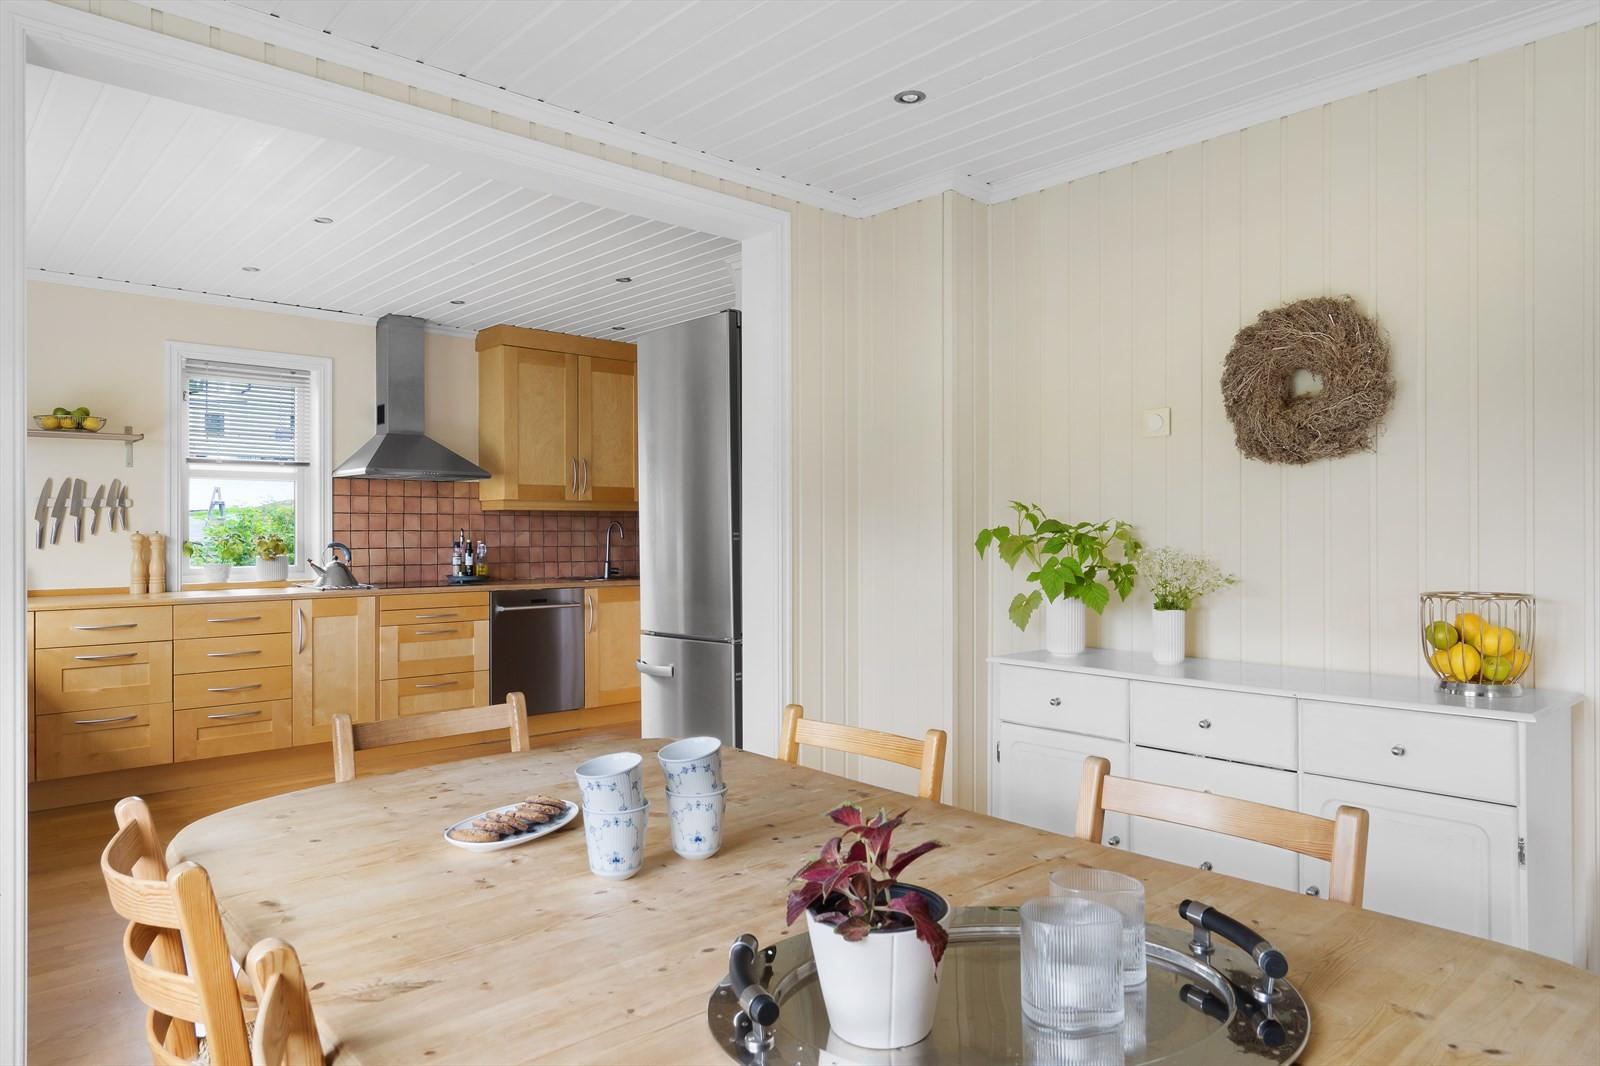 På kjøkkenet er det rikelig med plass til spisebord